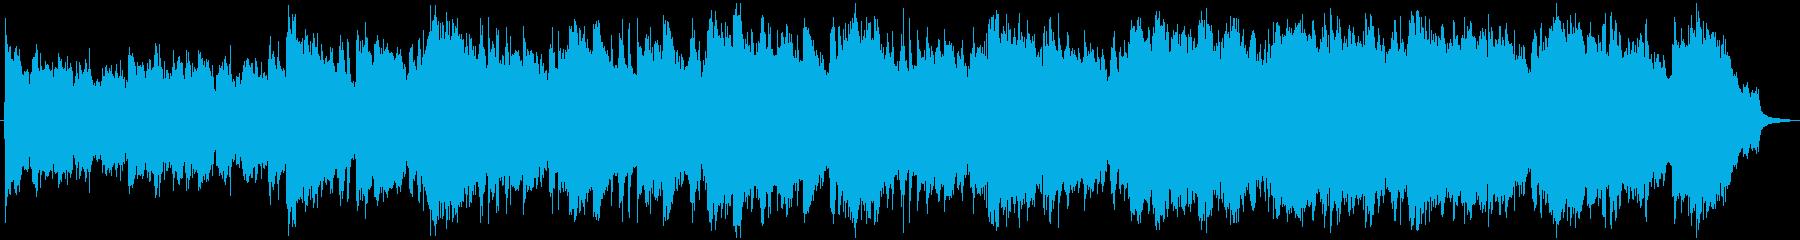 動画 サスペンス クール ファンタ...の再生済みの波形